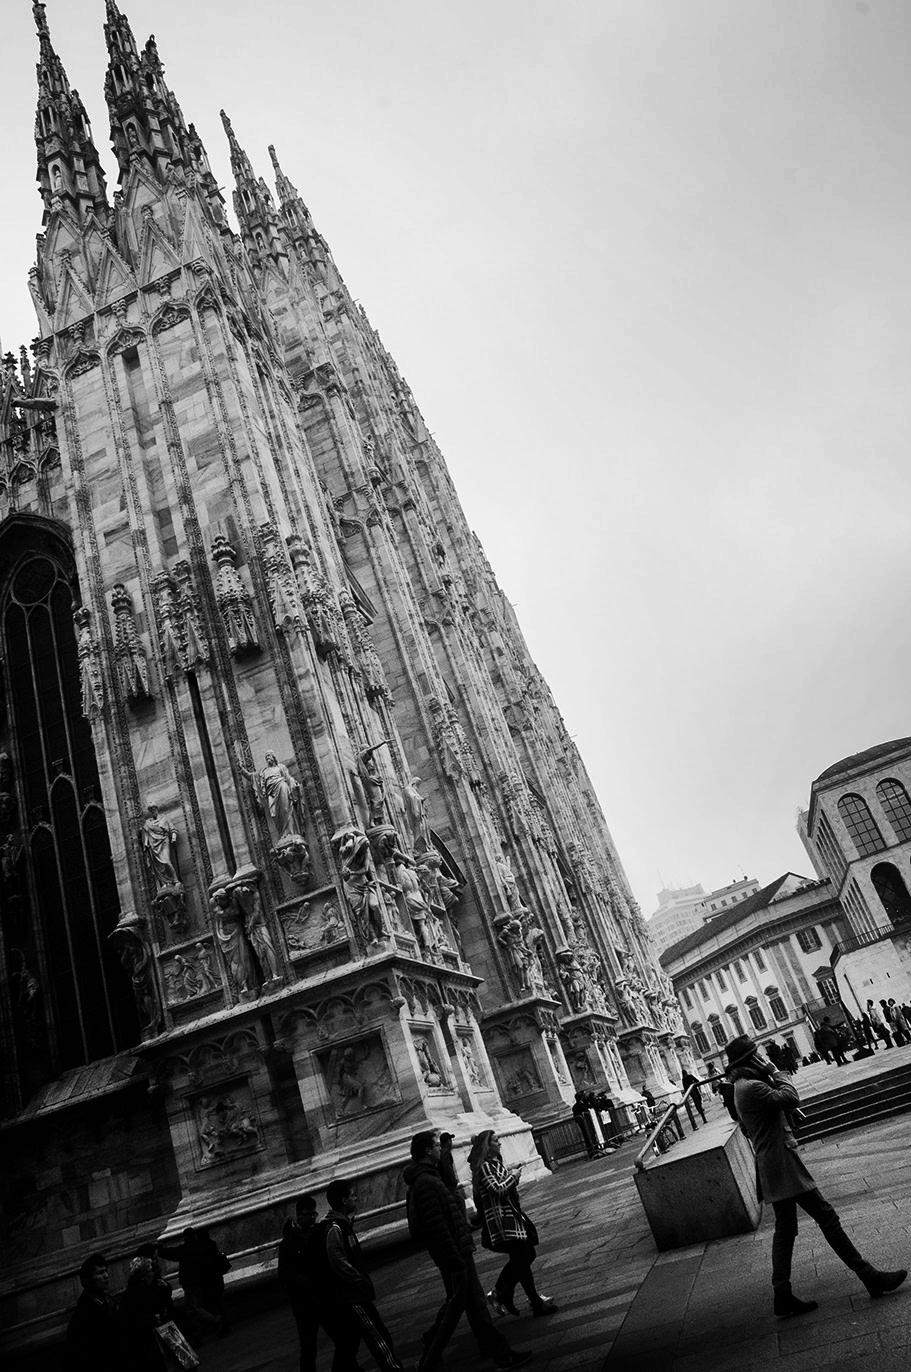 MILUNA-Ewa-Milun-Walczak-Mediolan-ludzie-ulica-przechodzni-mediolanczycy-Przechodnie-8